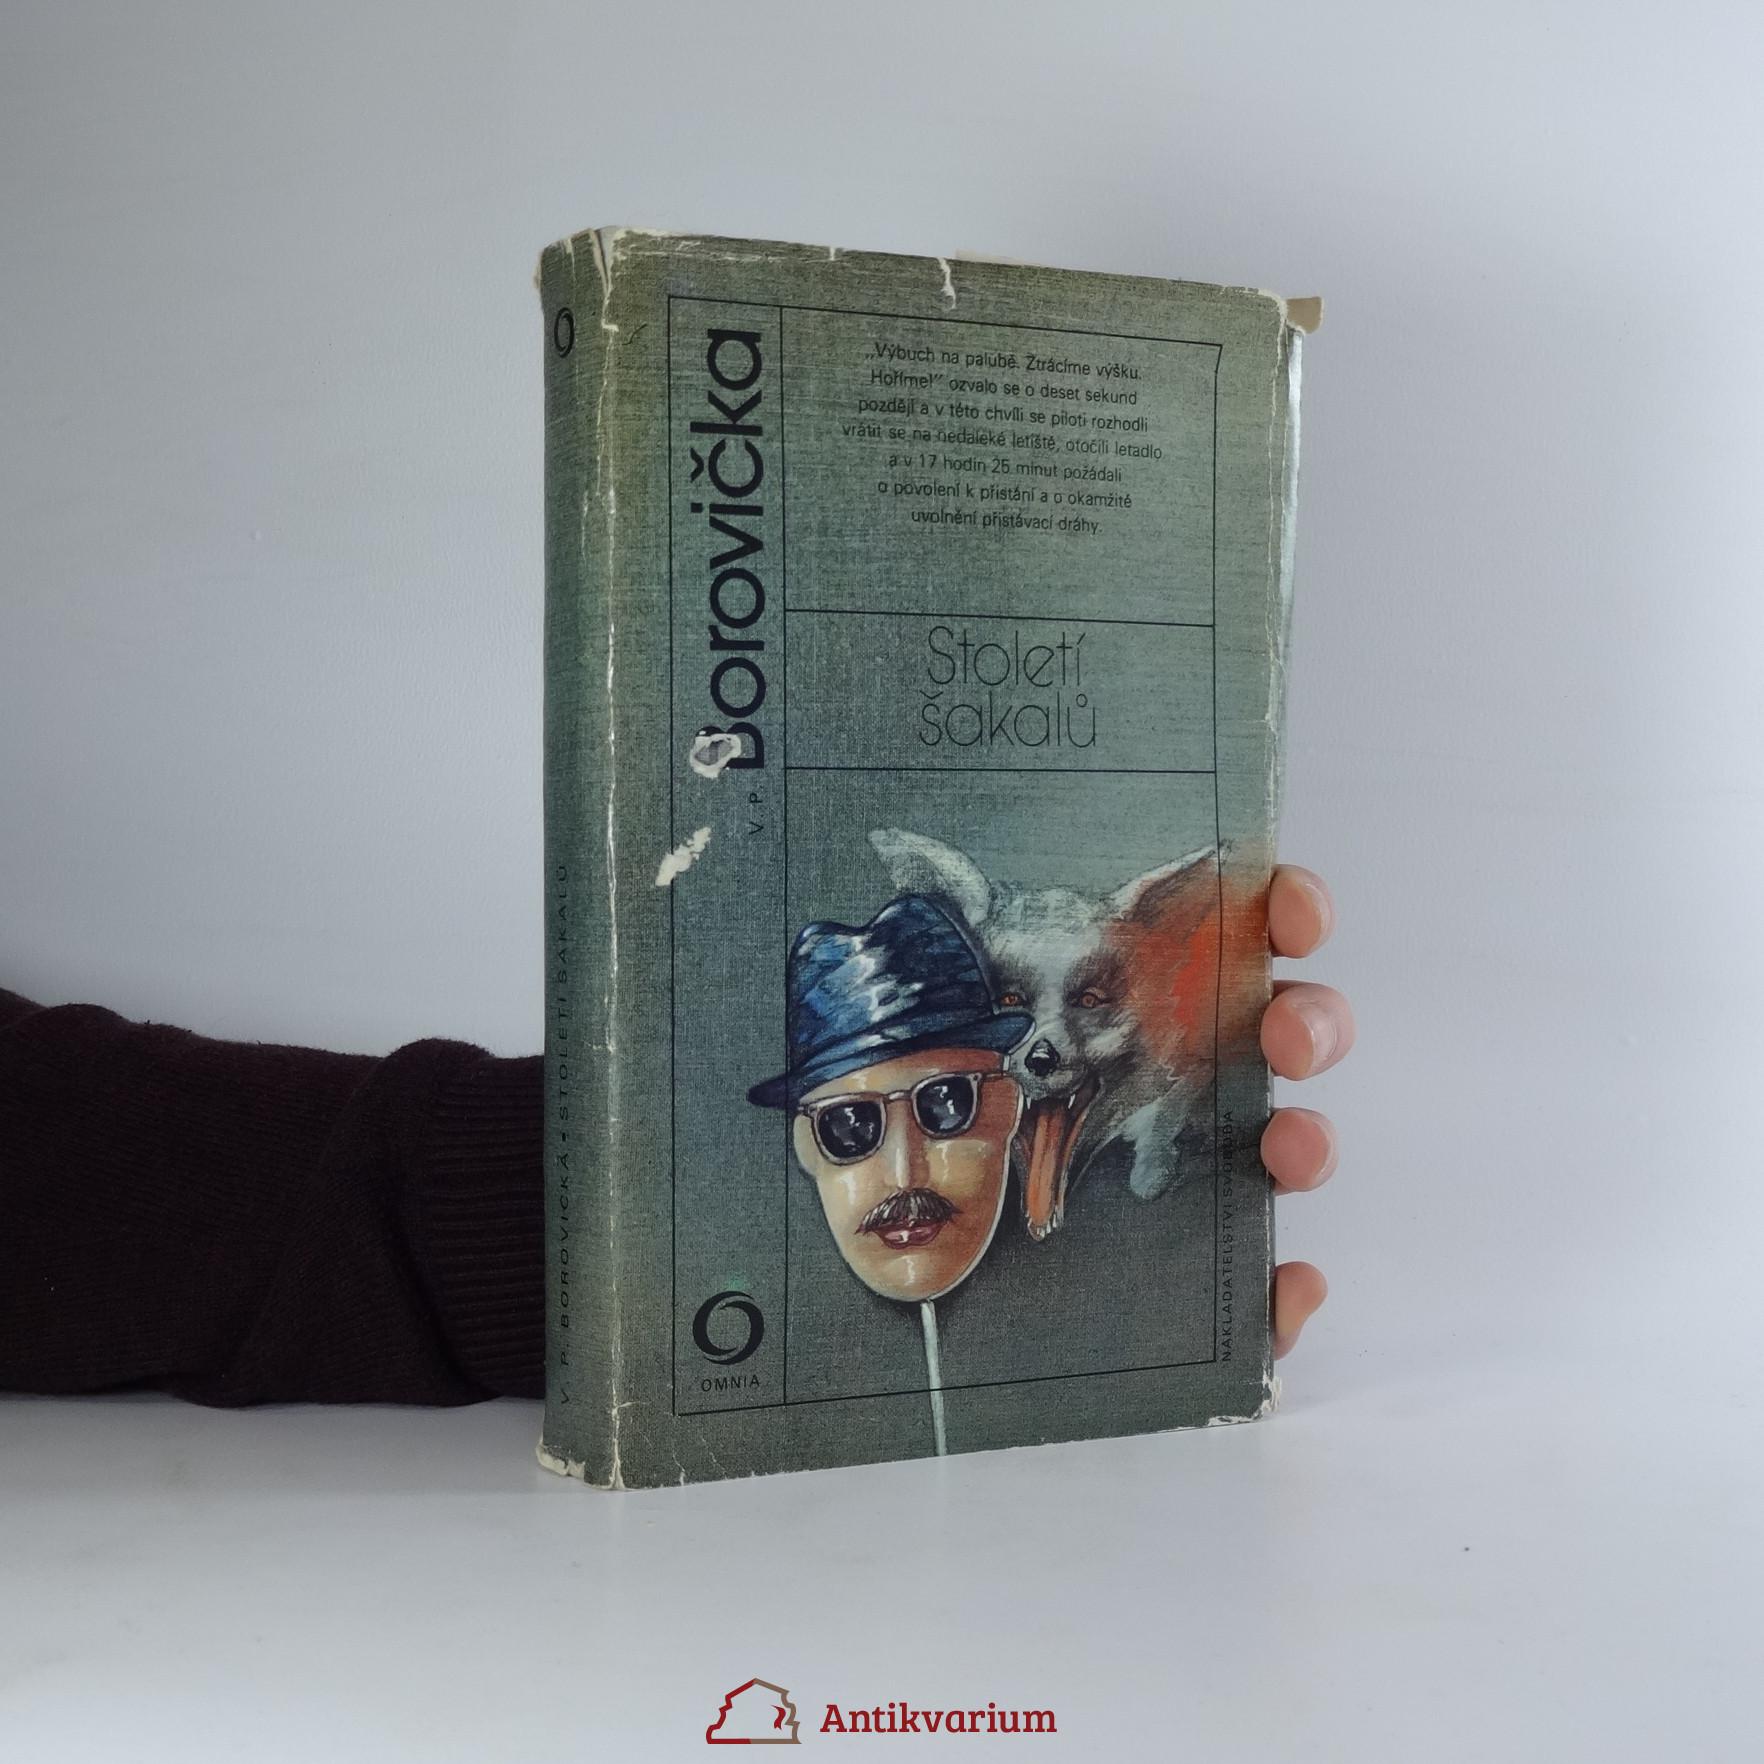 antikvární kniha Století šakalů, 1985